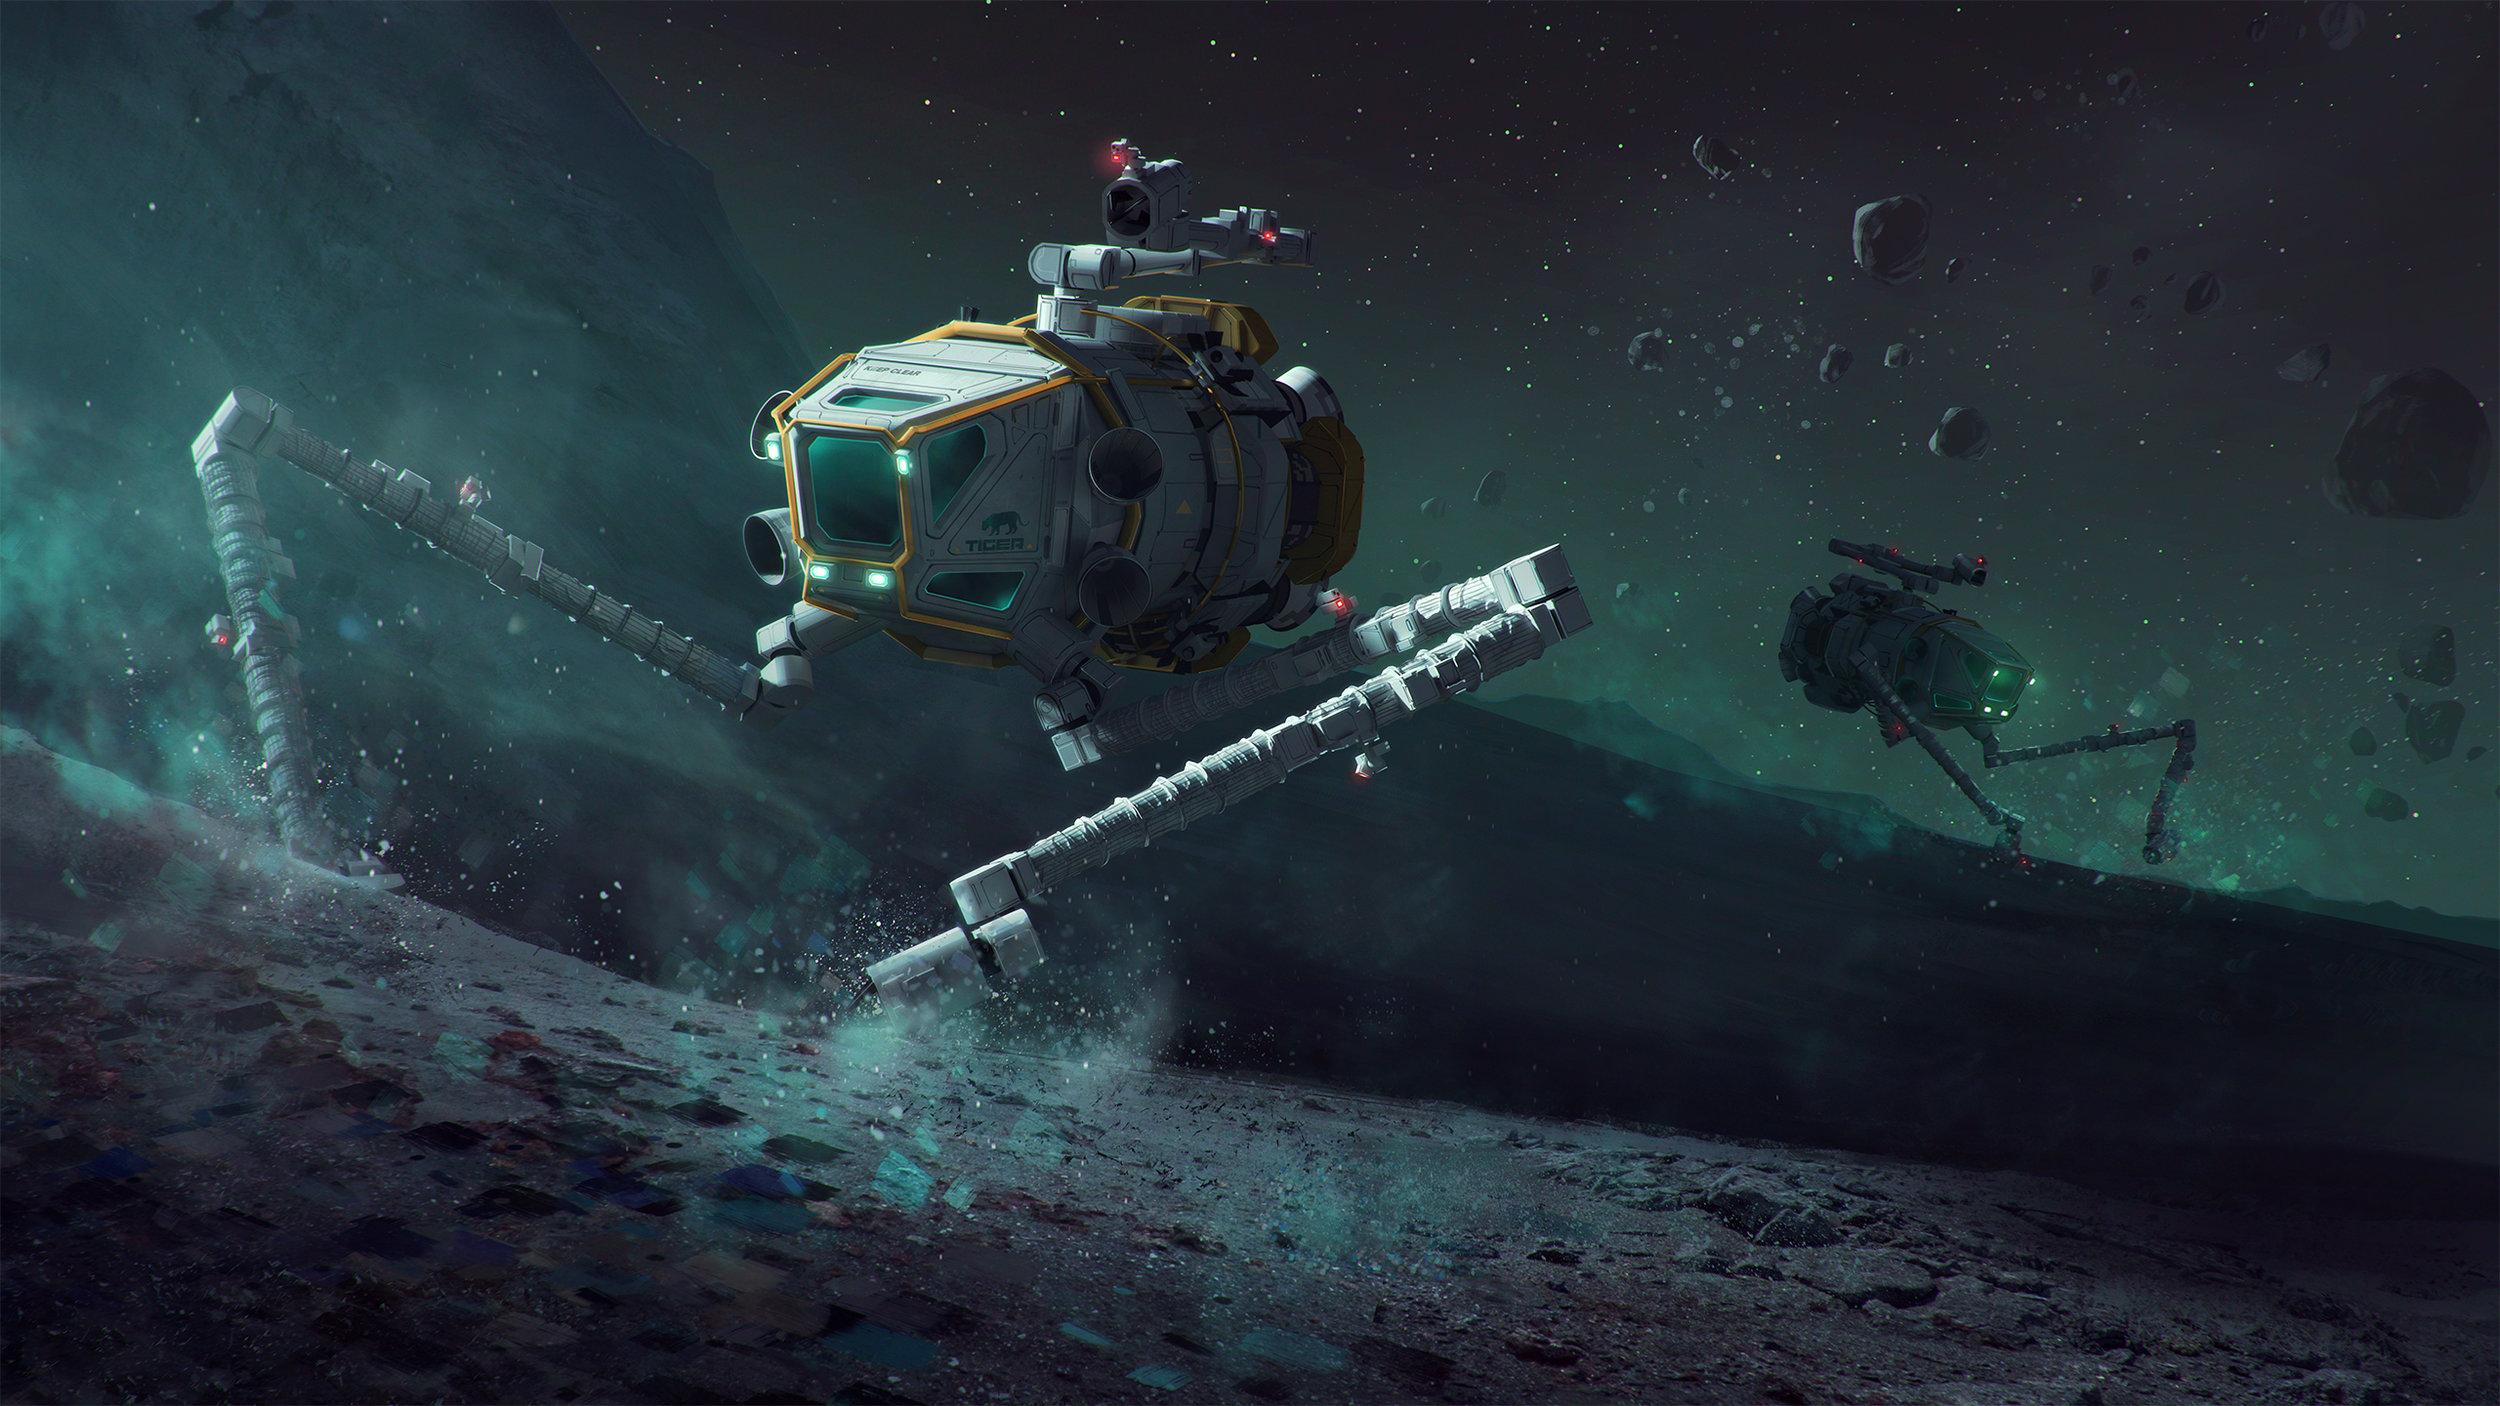 1379-asteroid-miners-maciej-rebisz